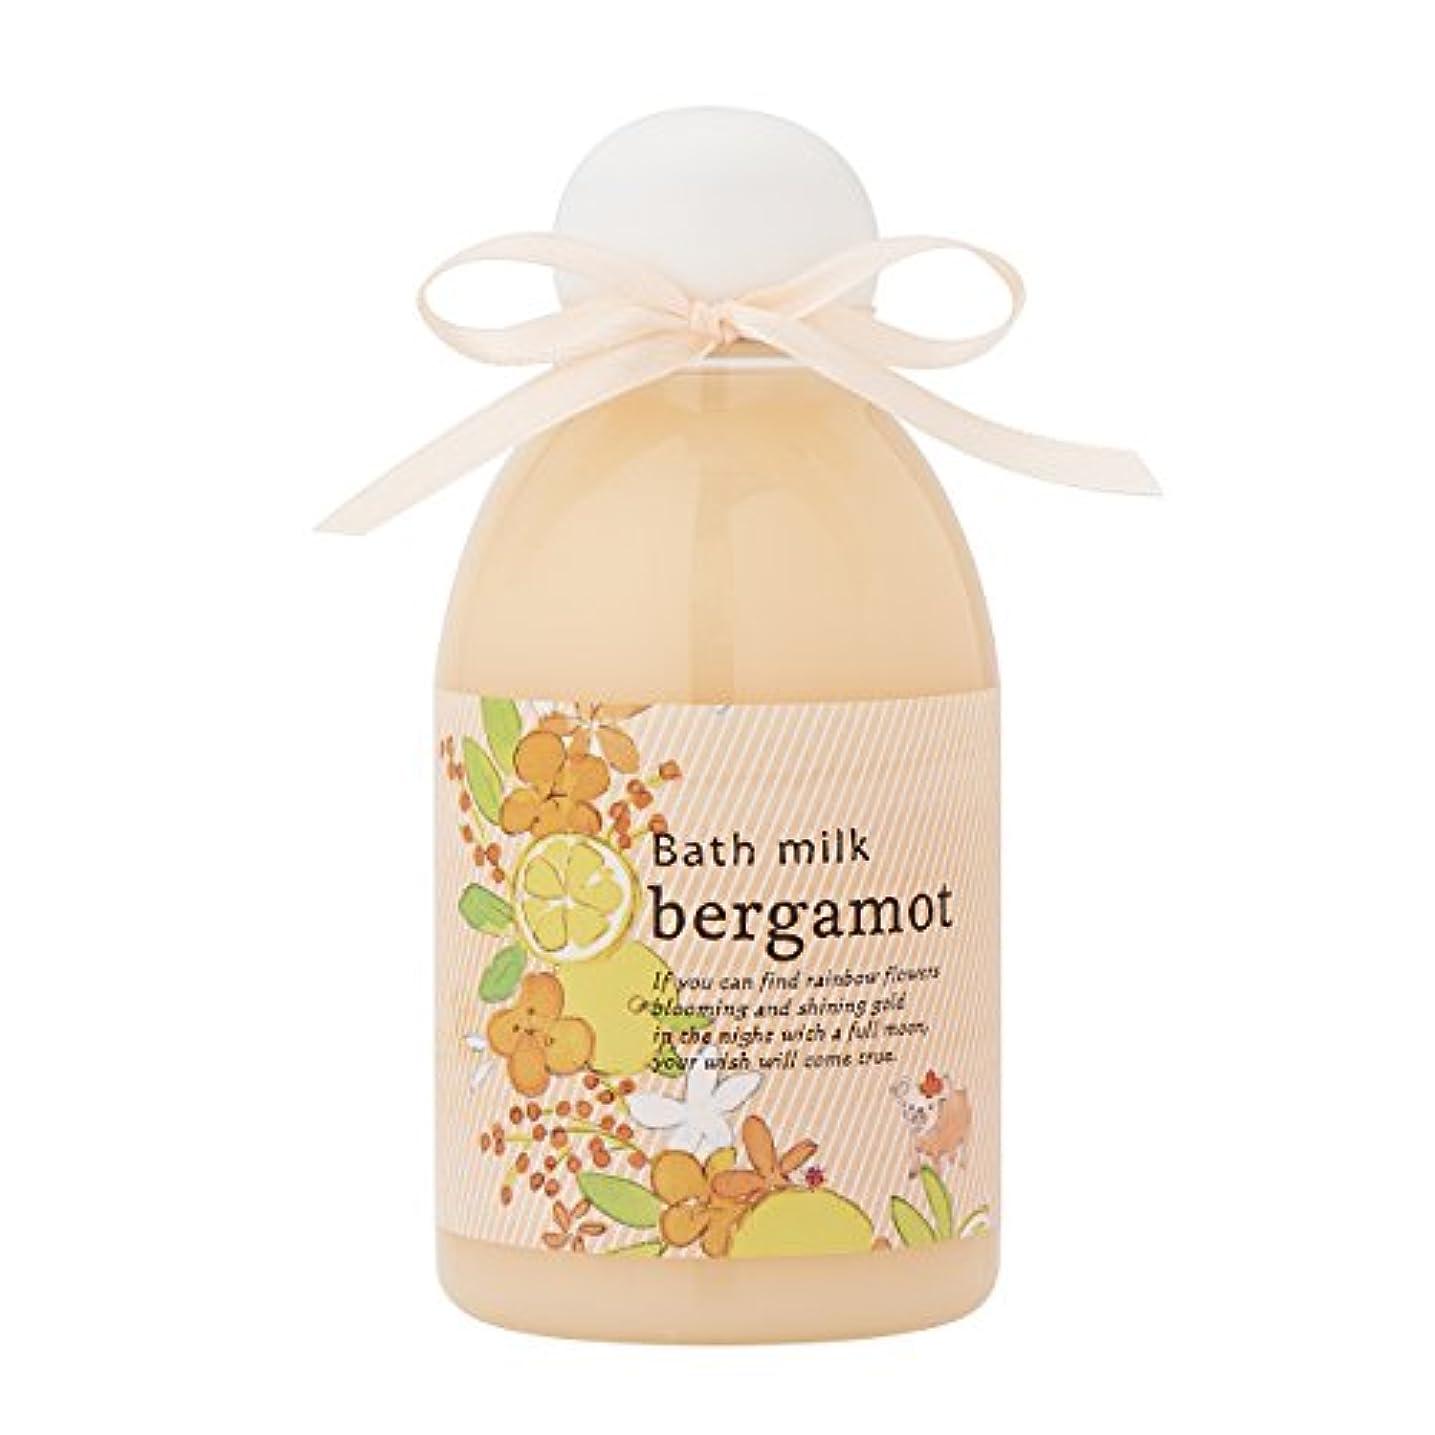 揺れる法廷そうサンハーブ バスミルク ベルガモット 200ml(バブルバスタイプ入浴料 泡風呂 懐かしい甘酸っぱい香り)